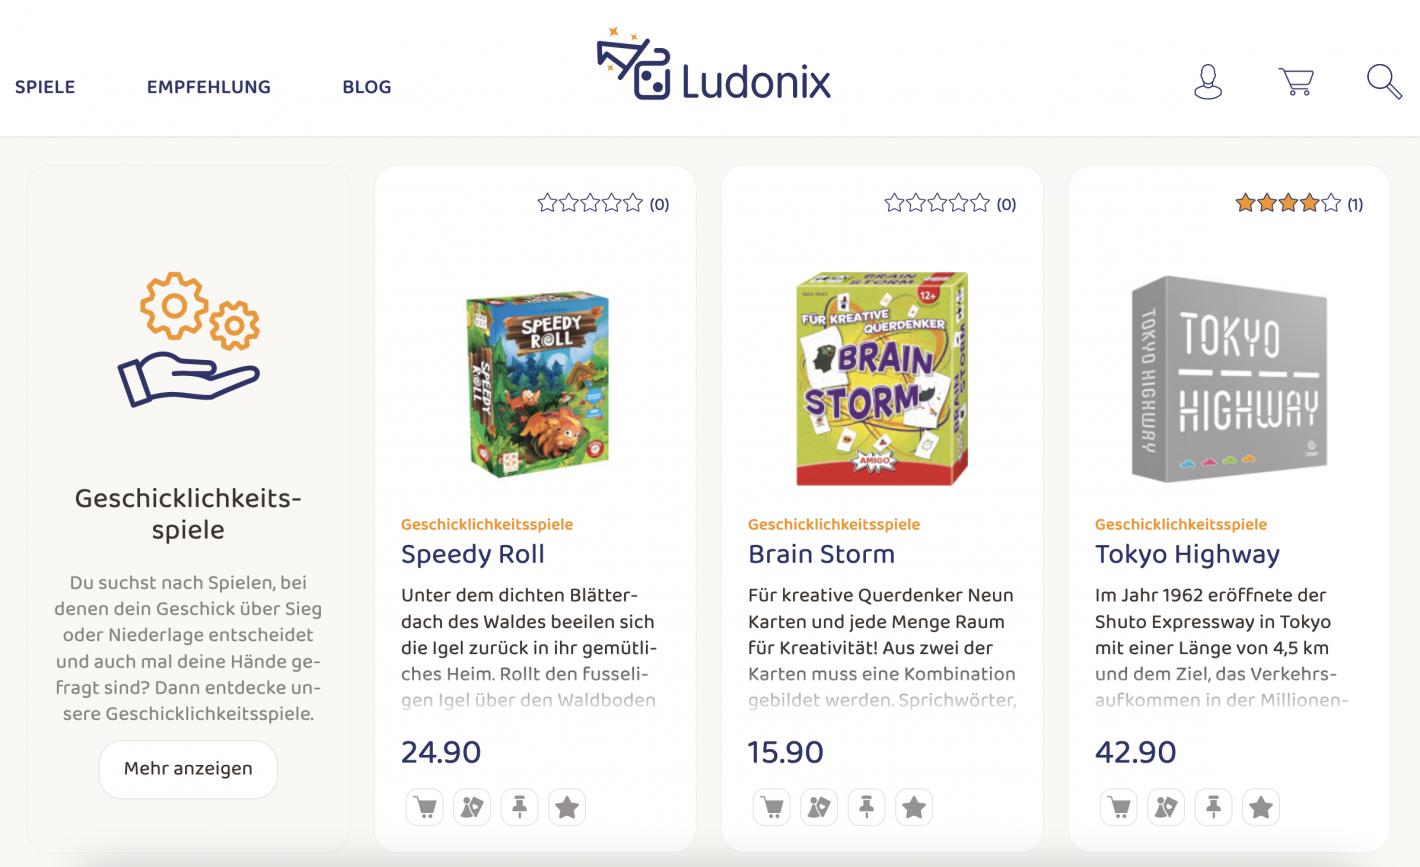 Ludonix Webshop Screenshot mit Brettspielen.